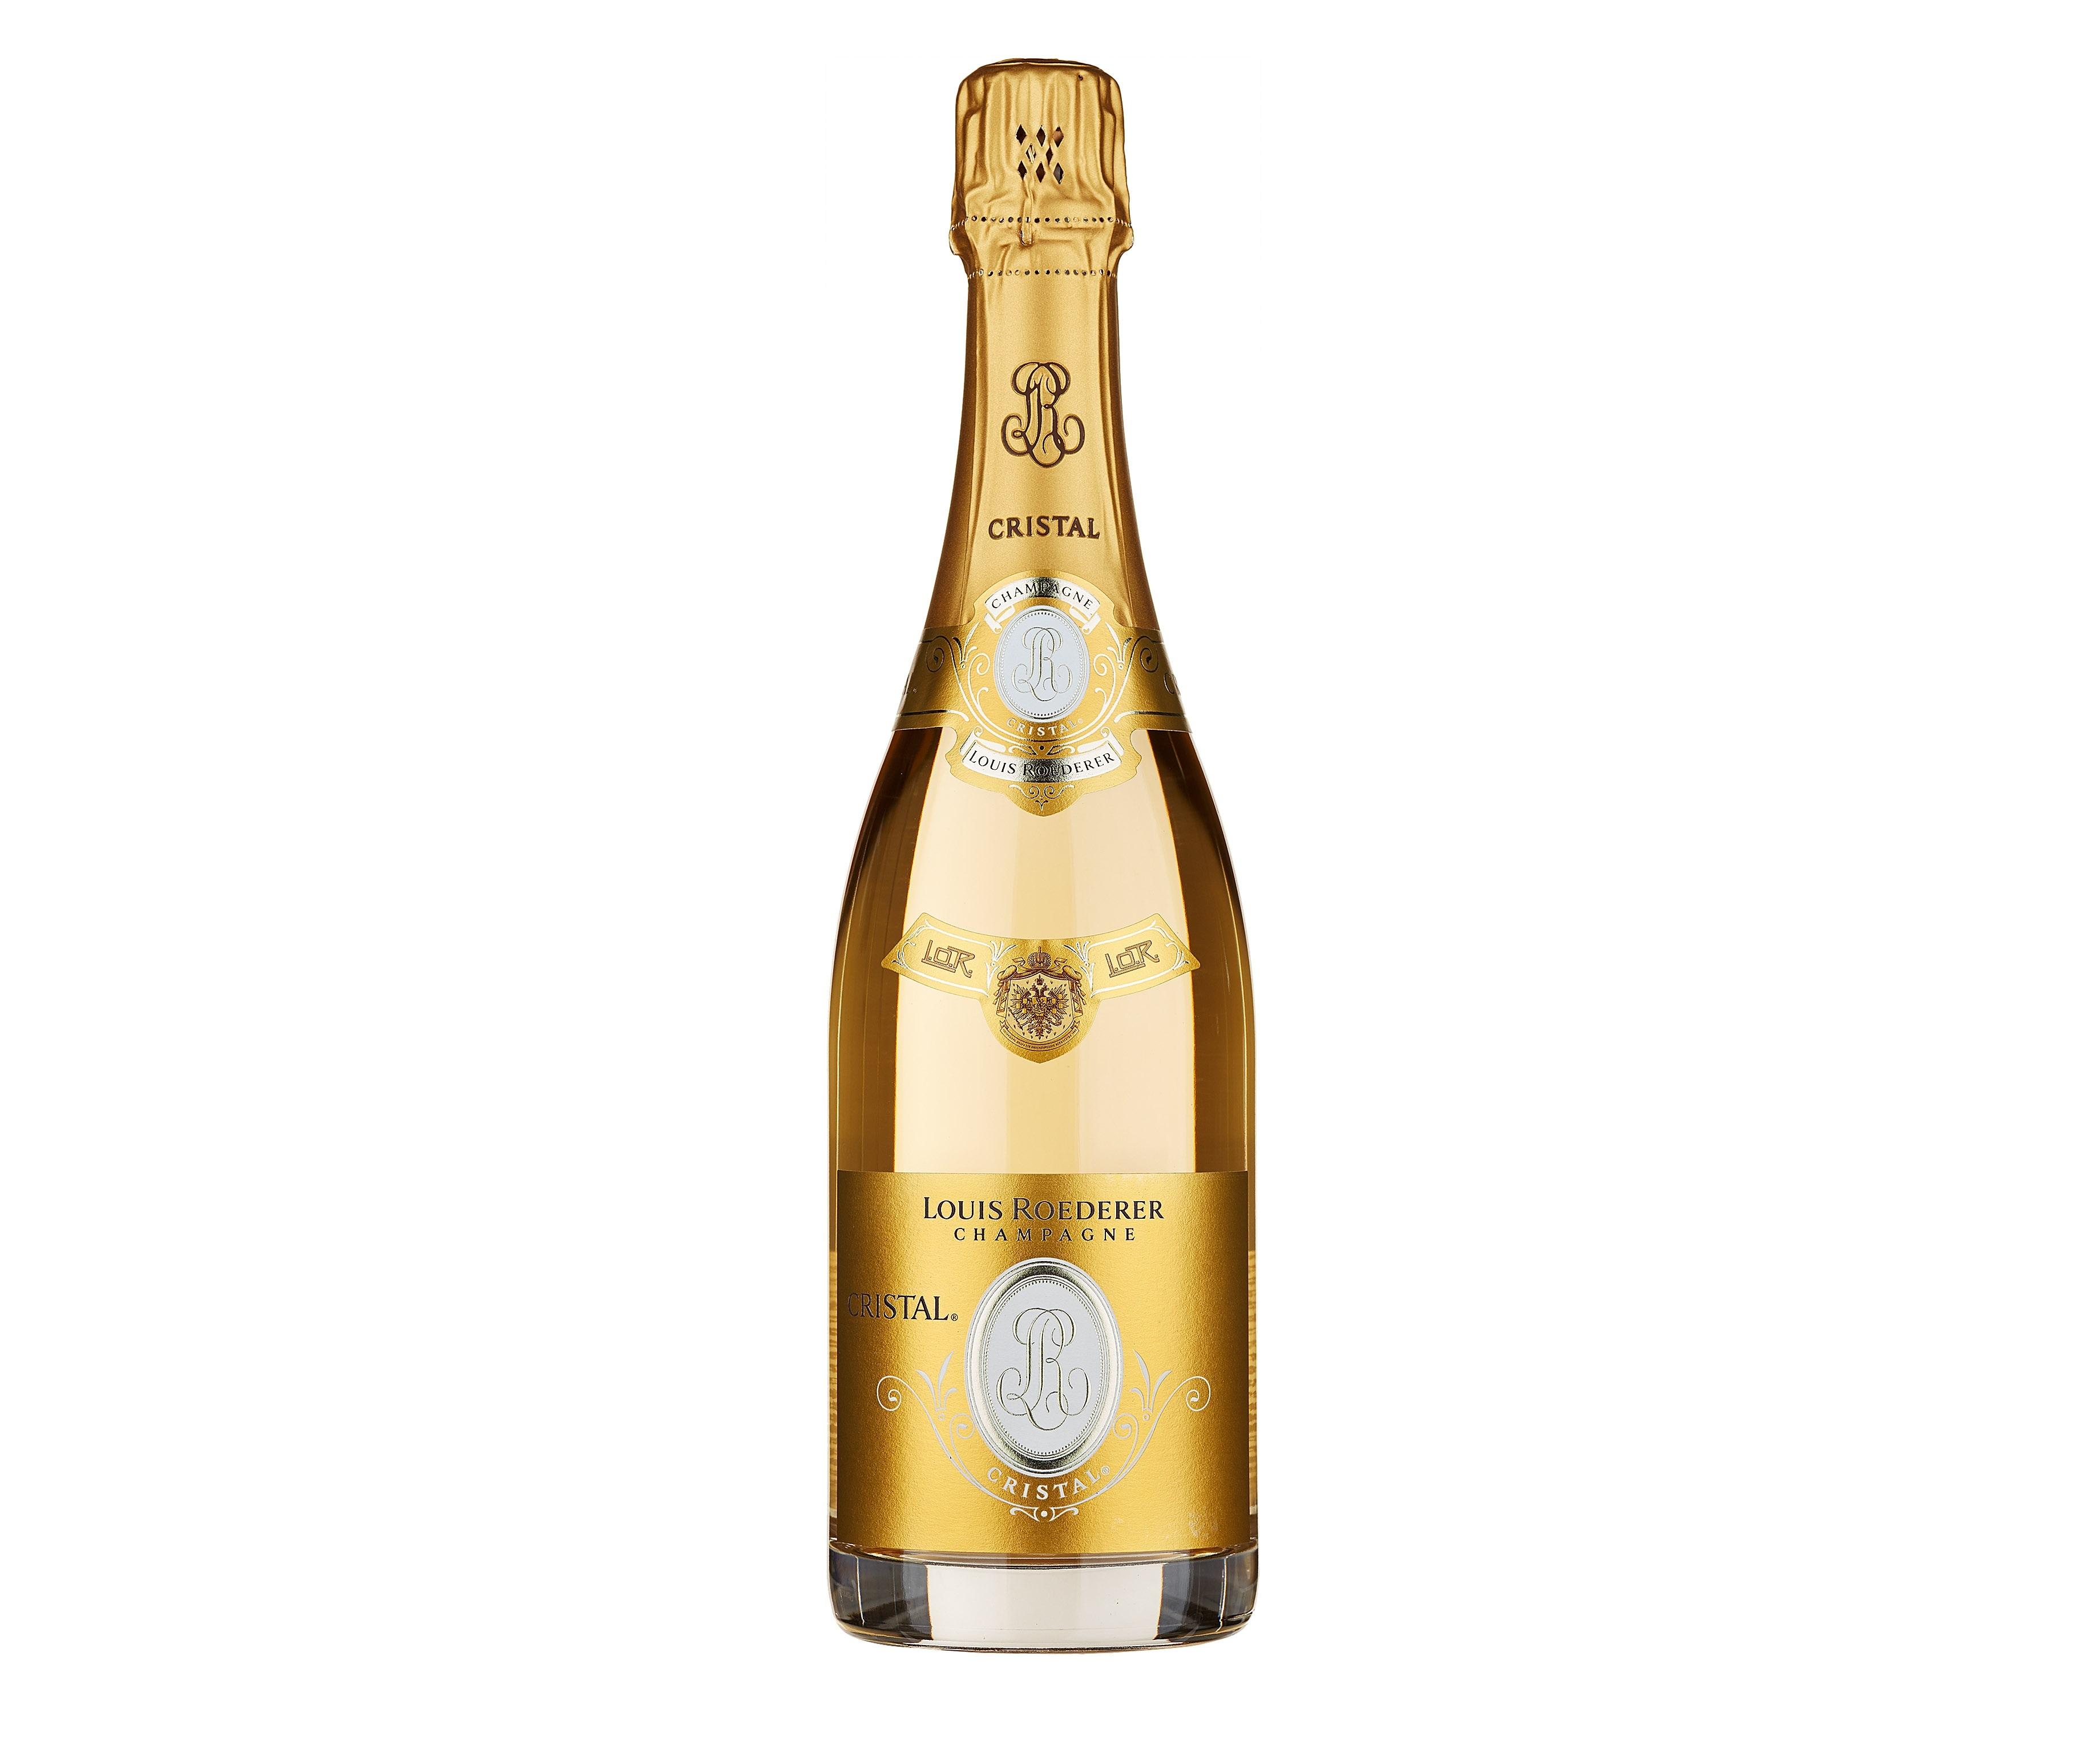 Champagne Cristal 2009 Louis Roederer champagne più costosi del mondo